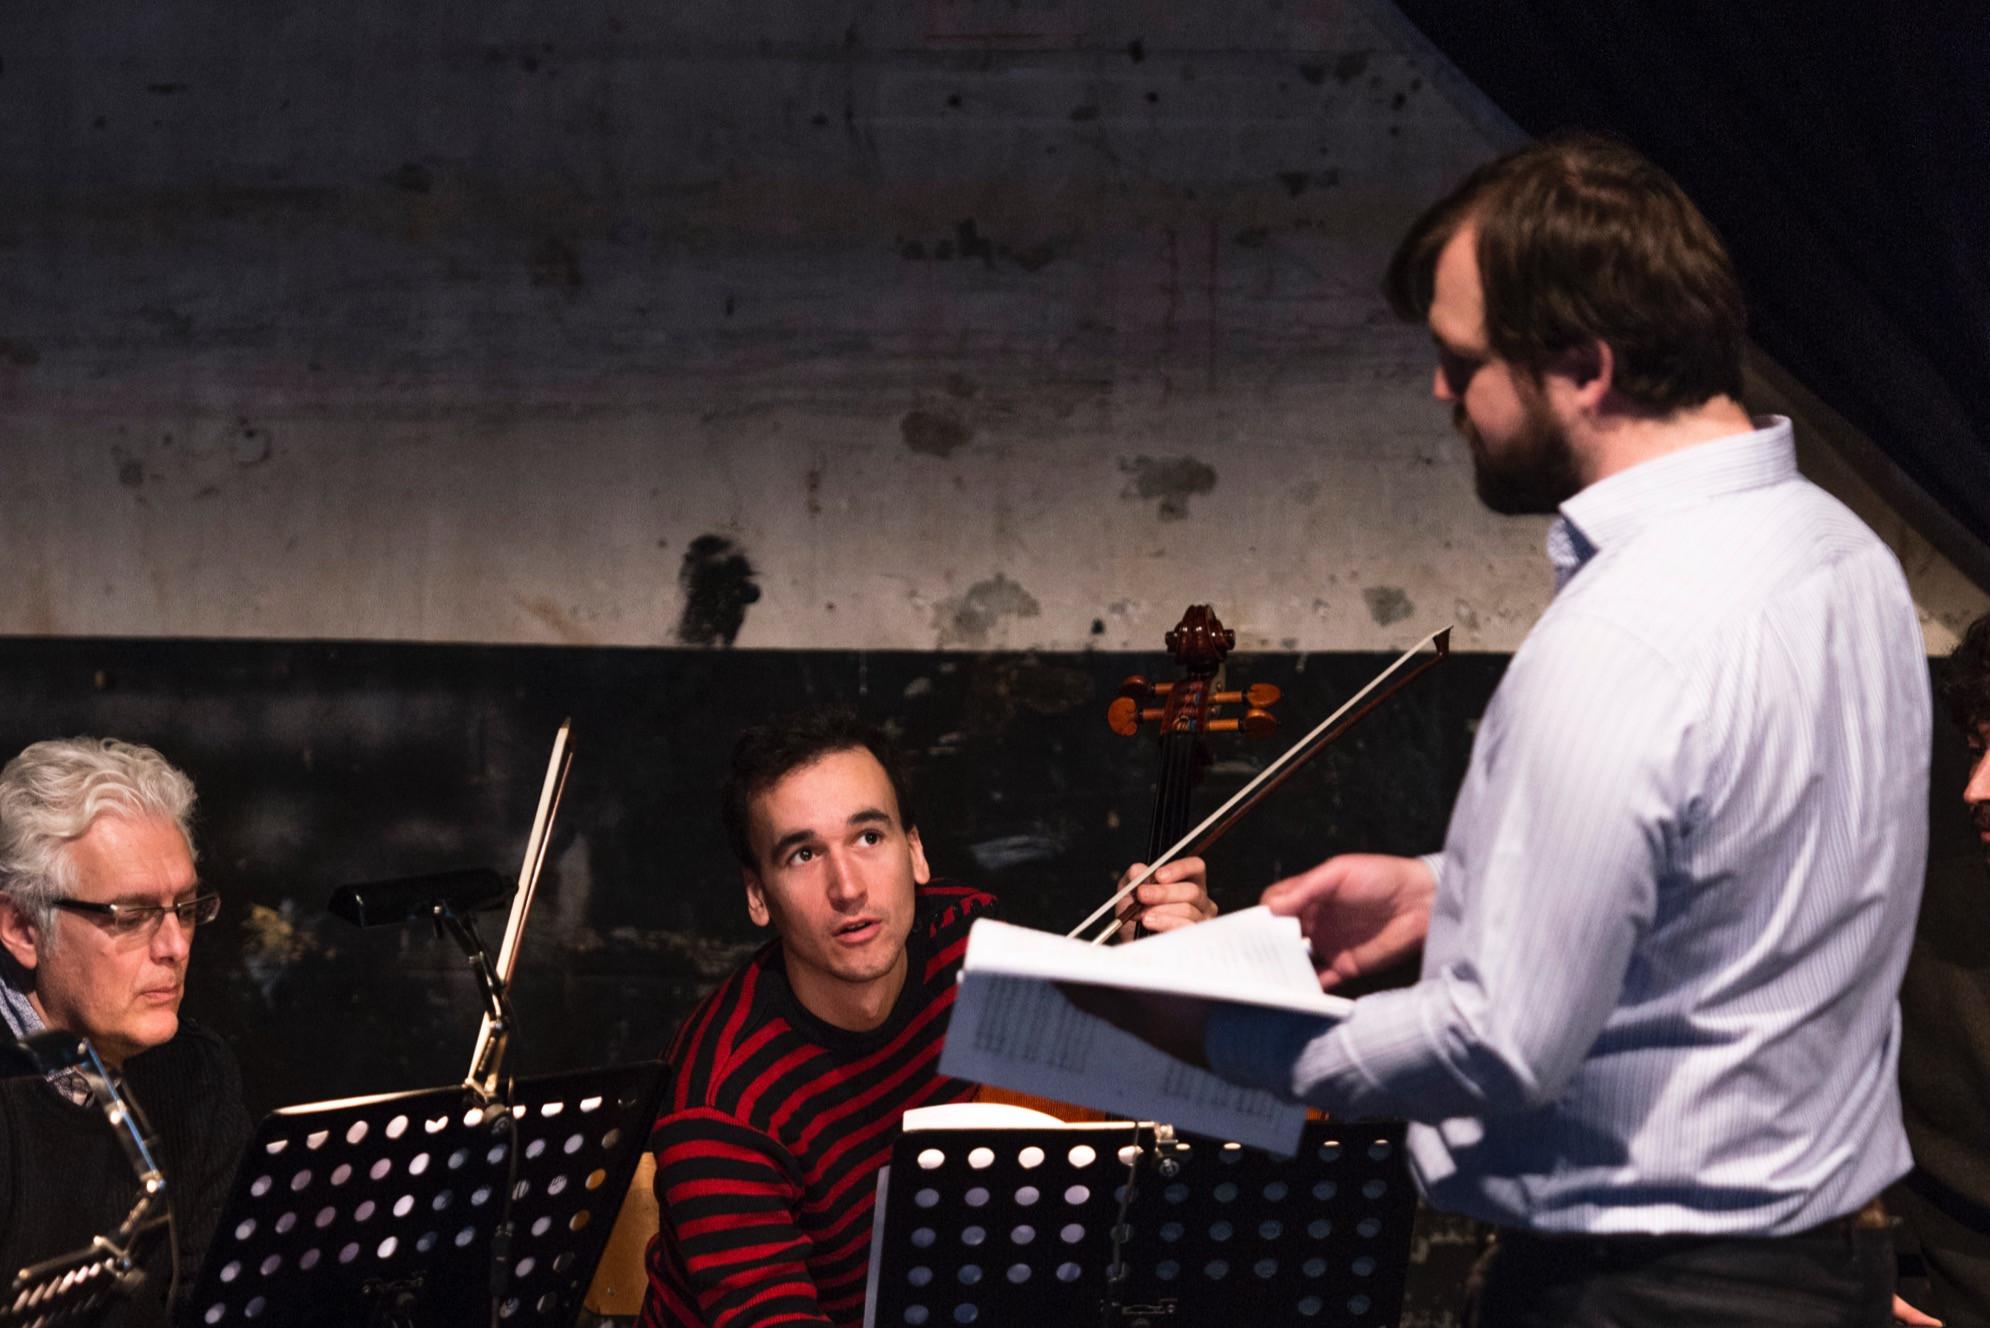 Conducting Coaching